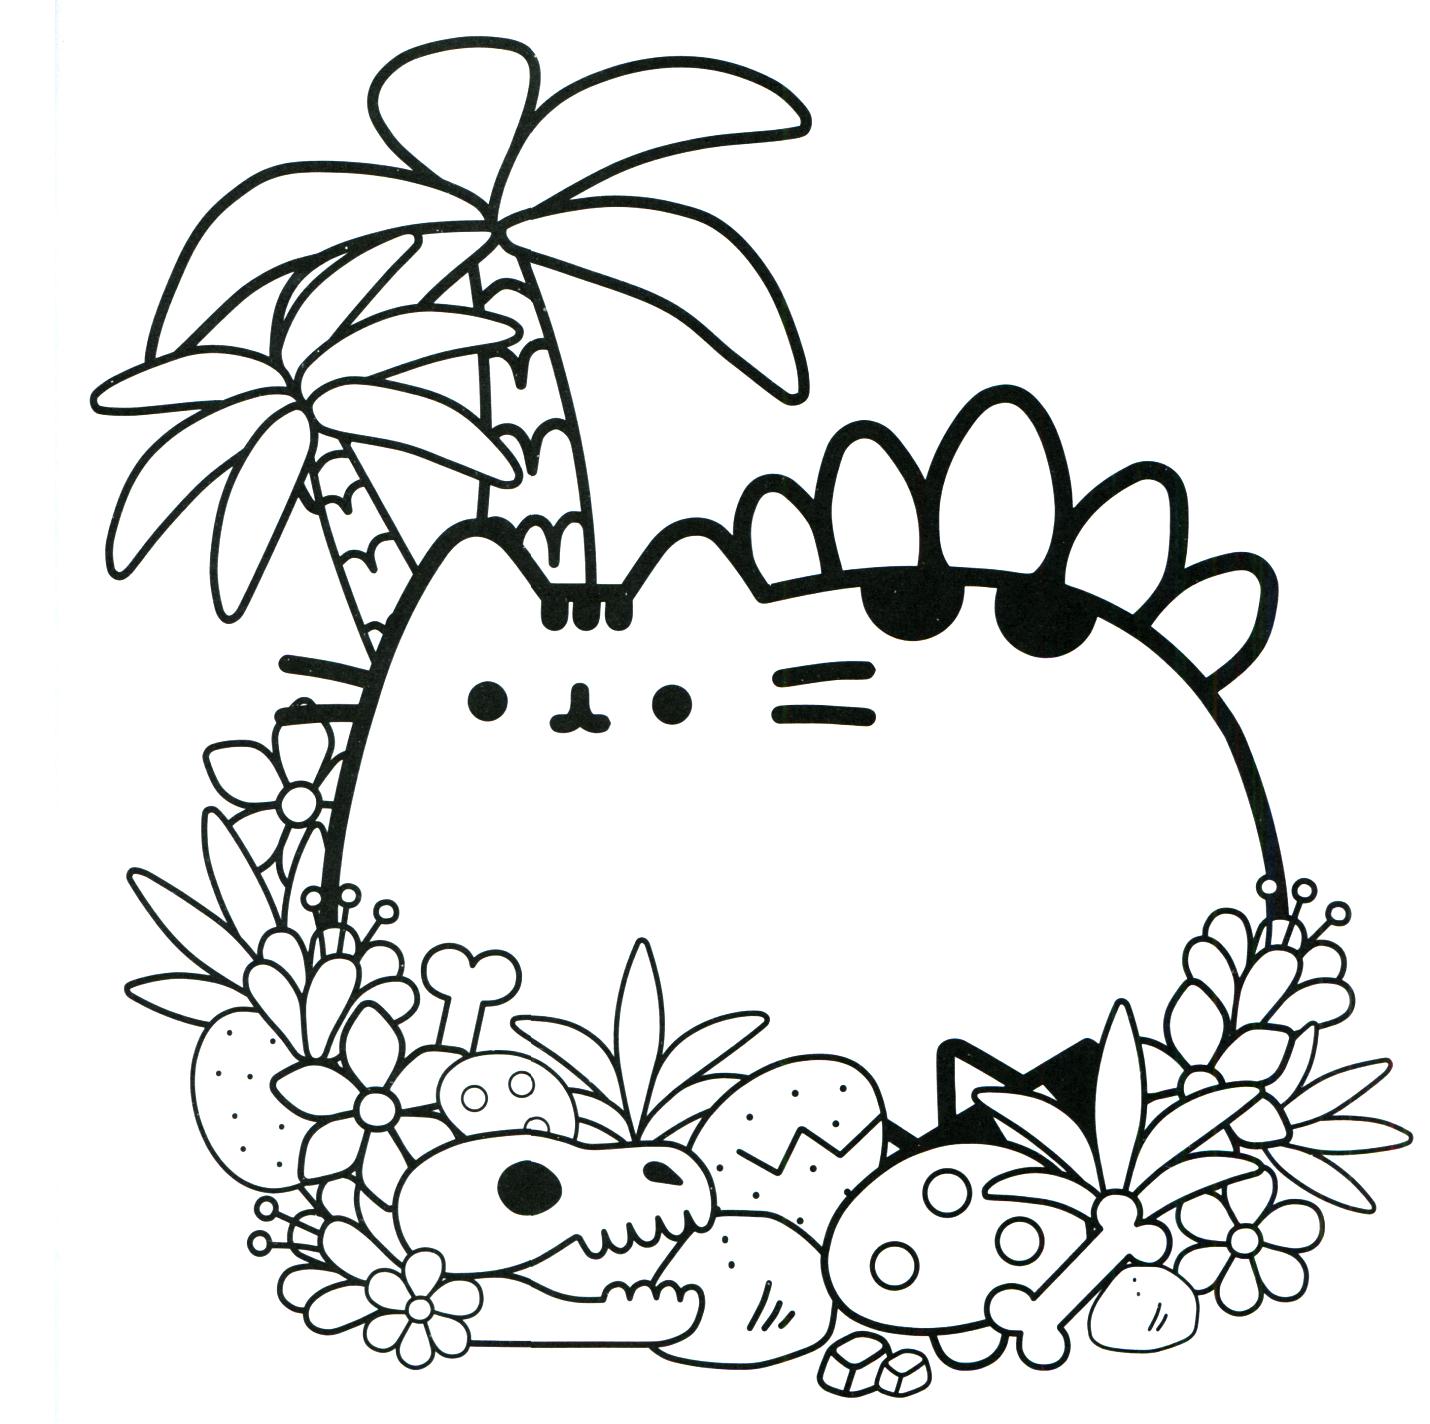 Pusheen Coloring Book Pusheen Pusheen The Cat Pusheen Coloring Pages Pusheen